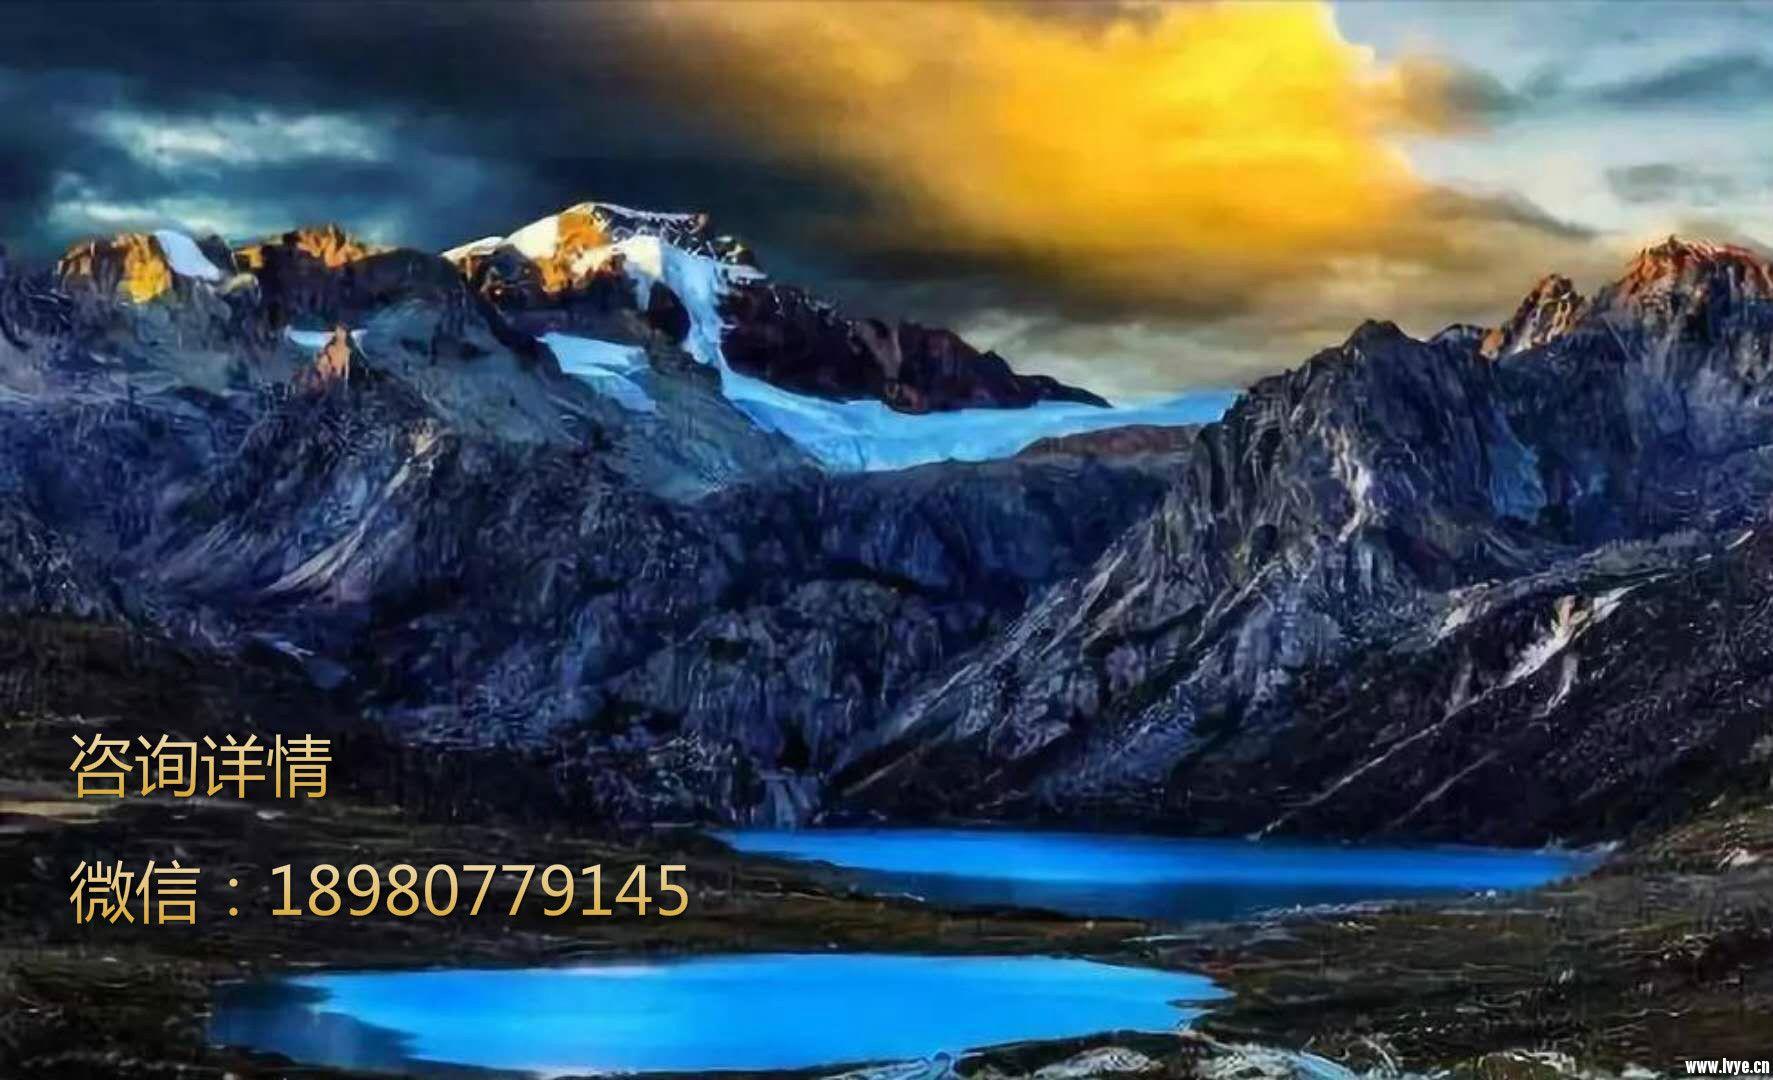 236300857414412252_meitu_3.jpg